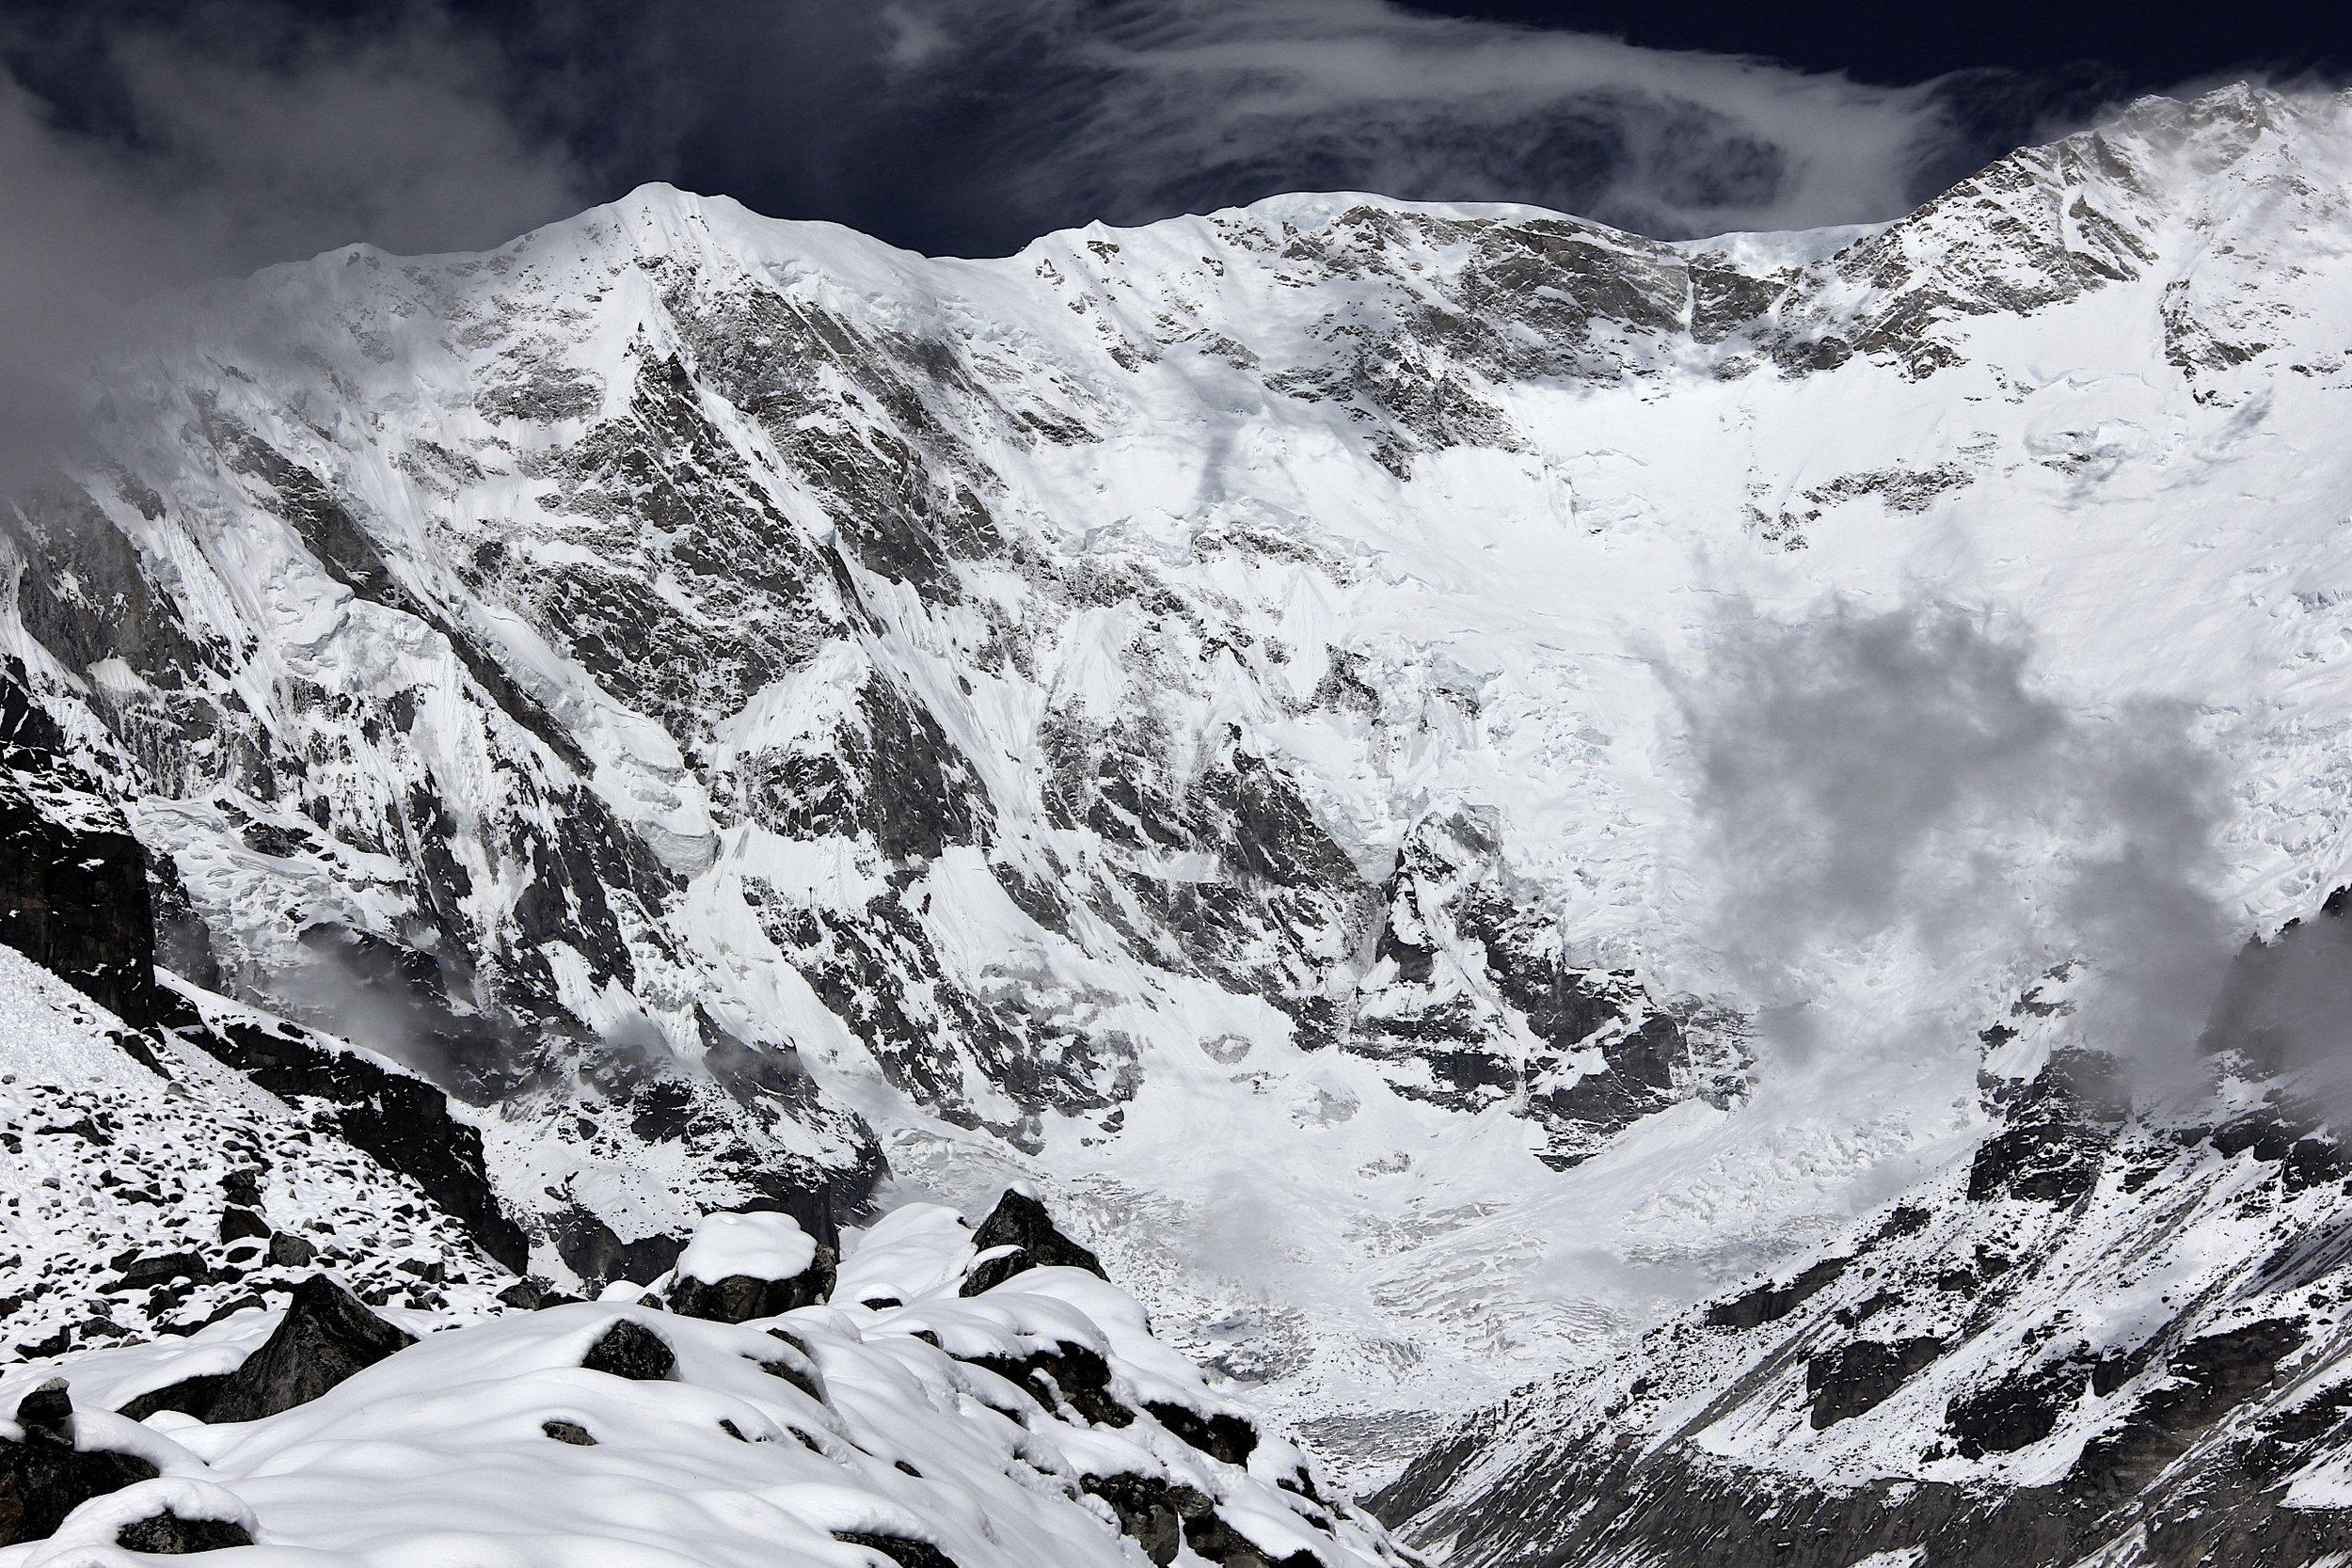 Kanbachen 7,482m